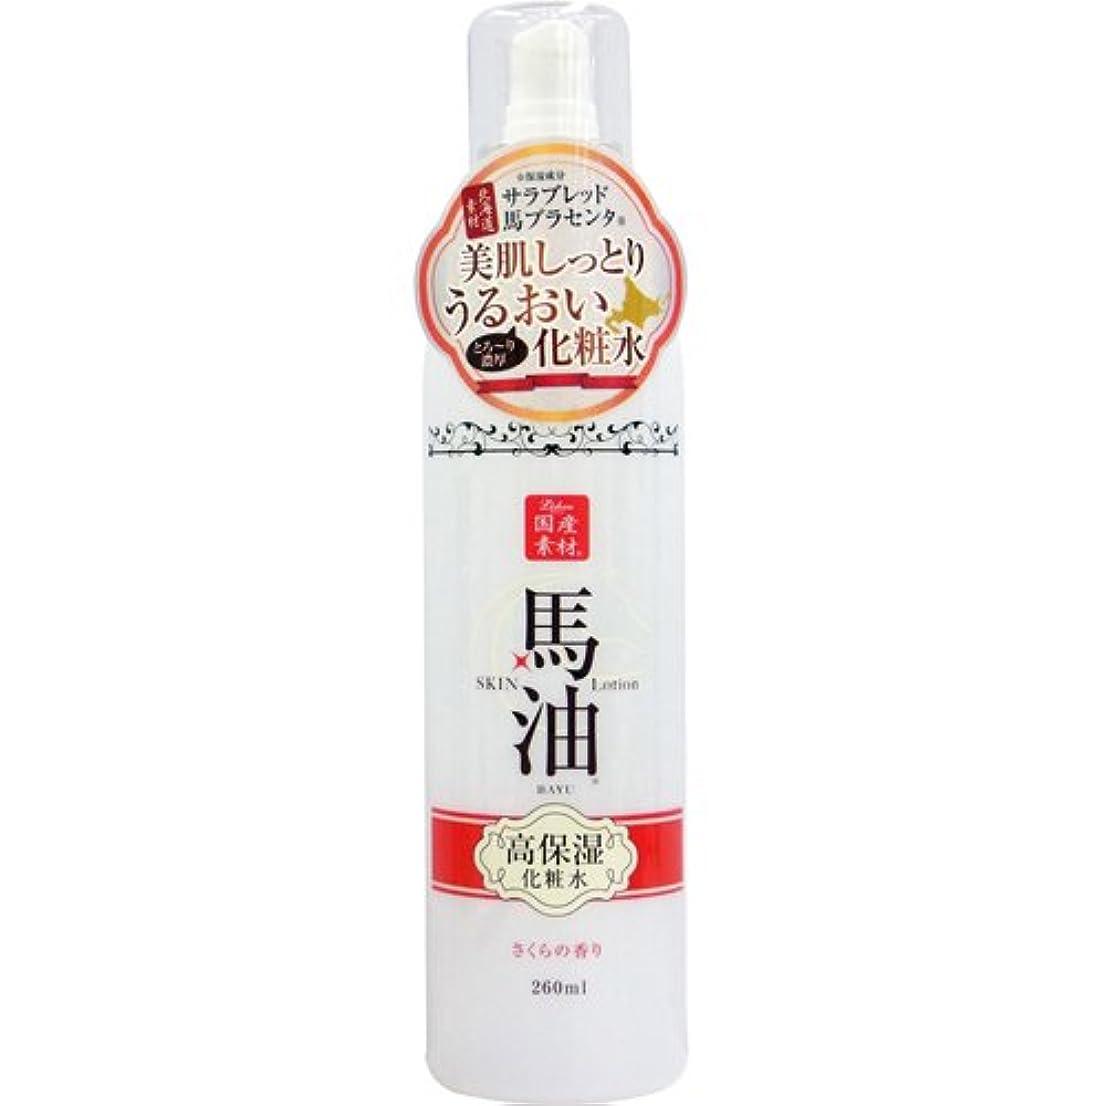 接地姓分岐するリシャン 馬油化粧水 (さくらの香り) (260mL)